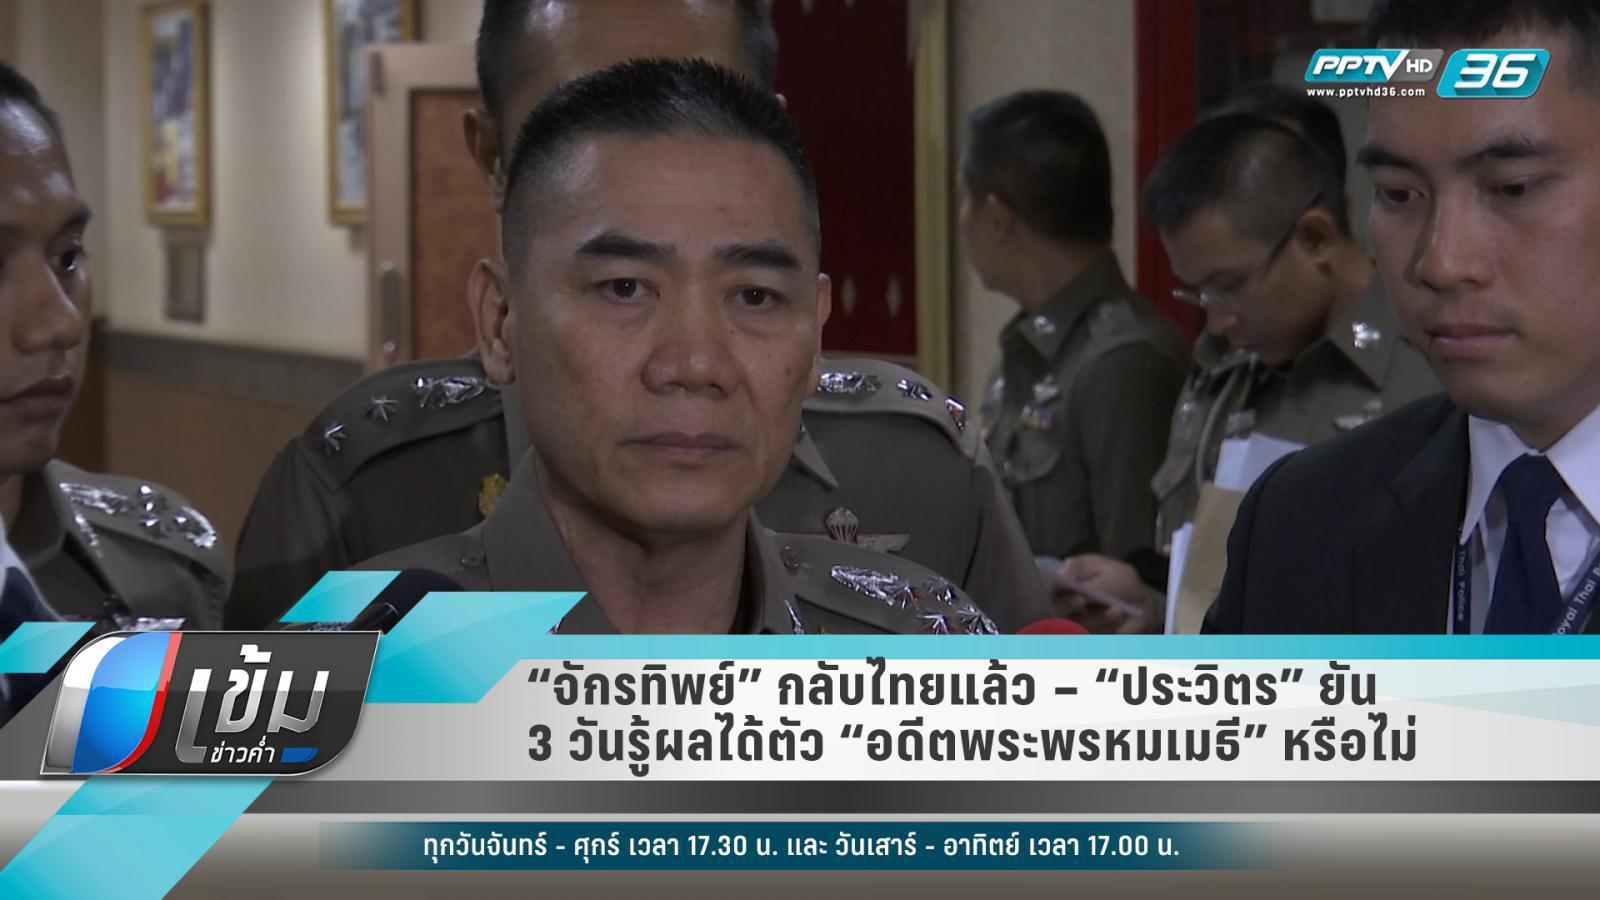 """""""จักรทิพย์"""" กลับไทยแล้ว – """"ประวิตร"""" ยัน 3 วันรู้ผลได้ตัว """"อดีตพระพรหมเมธี"""" หรือไม่"""